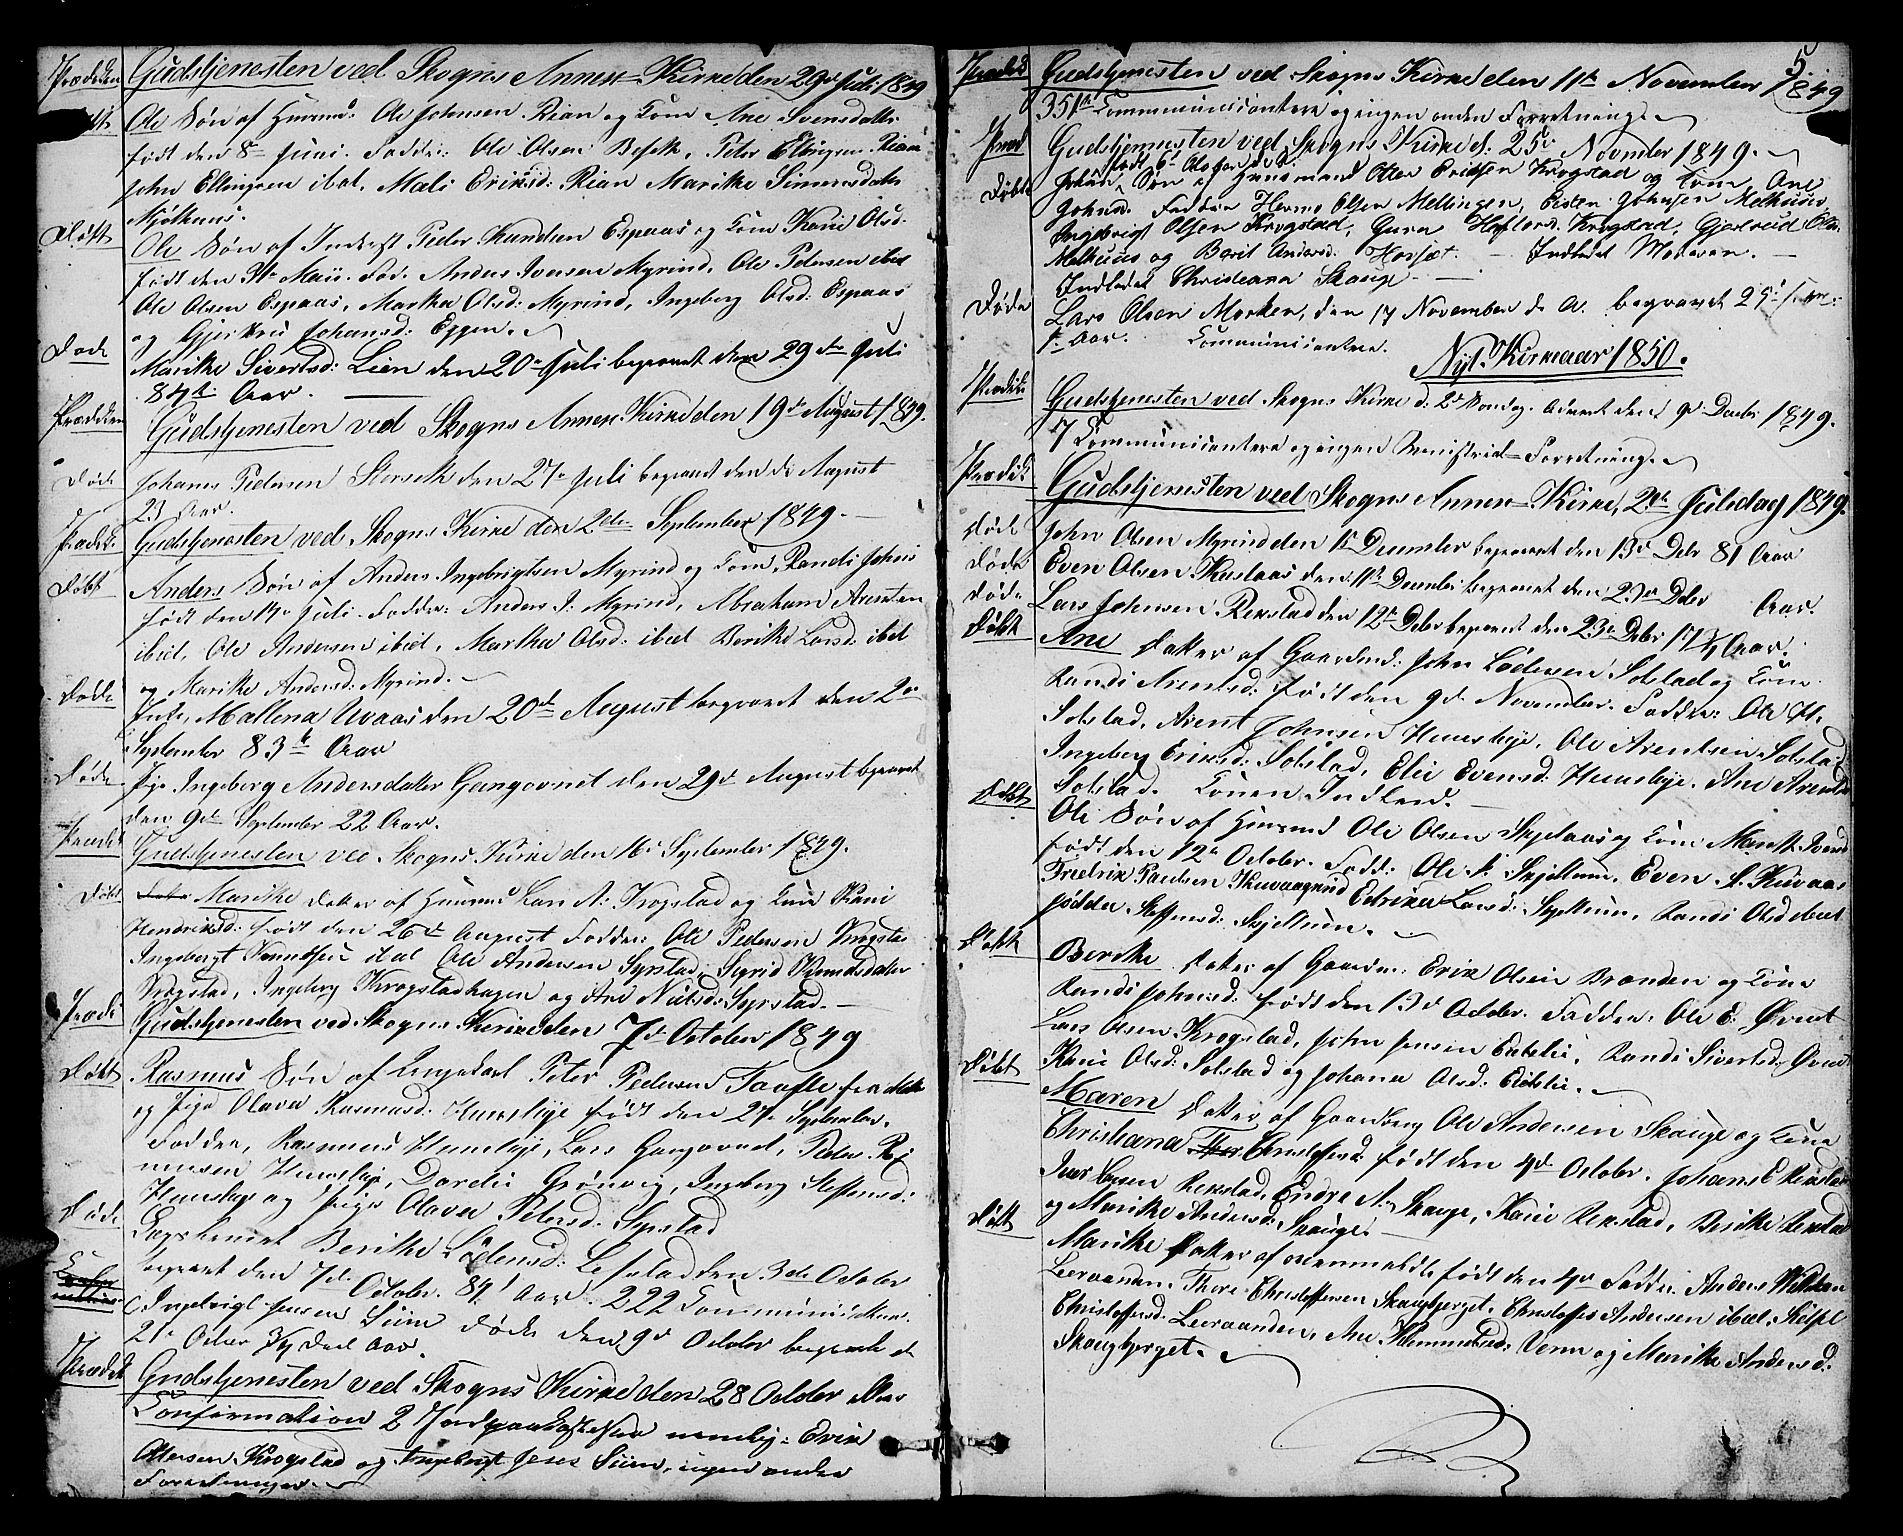 SAT, Ministerialprotokoller, klokkerbøker og fødselsregistre - Sør-Trøndelag, 667/L0797: Klokkerbok nr. 667C02, 1849-1867, s. 5